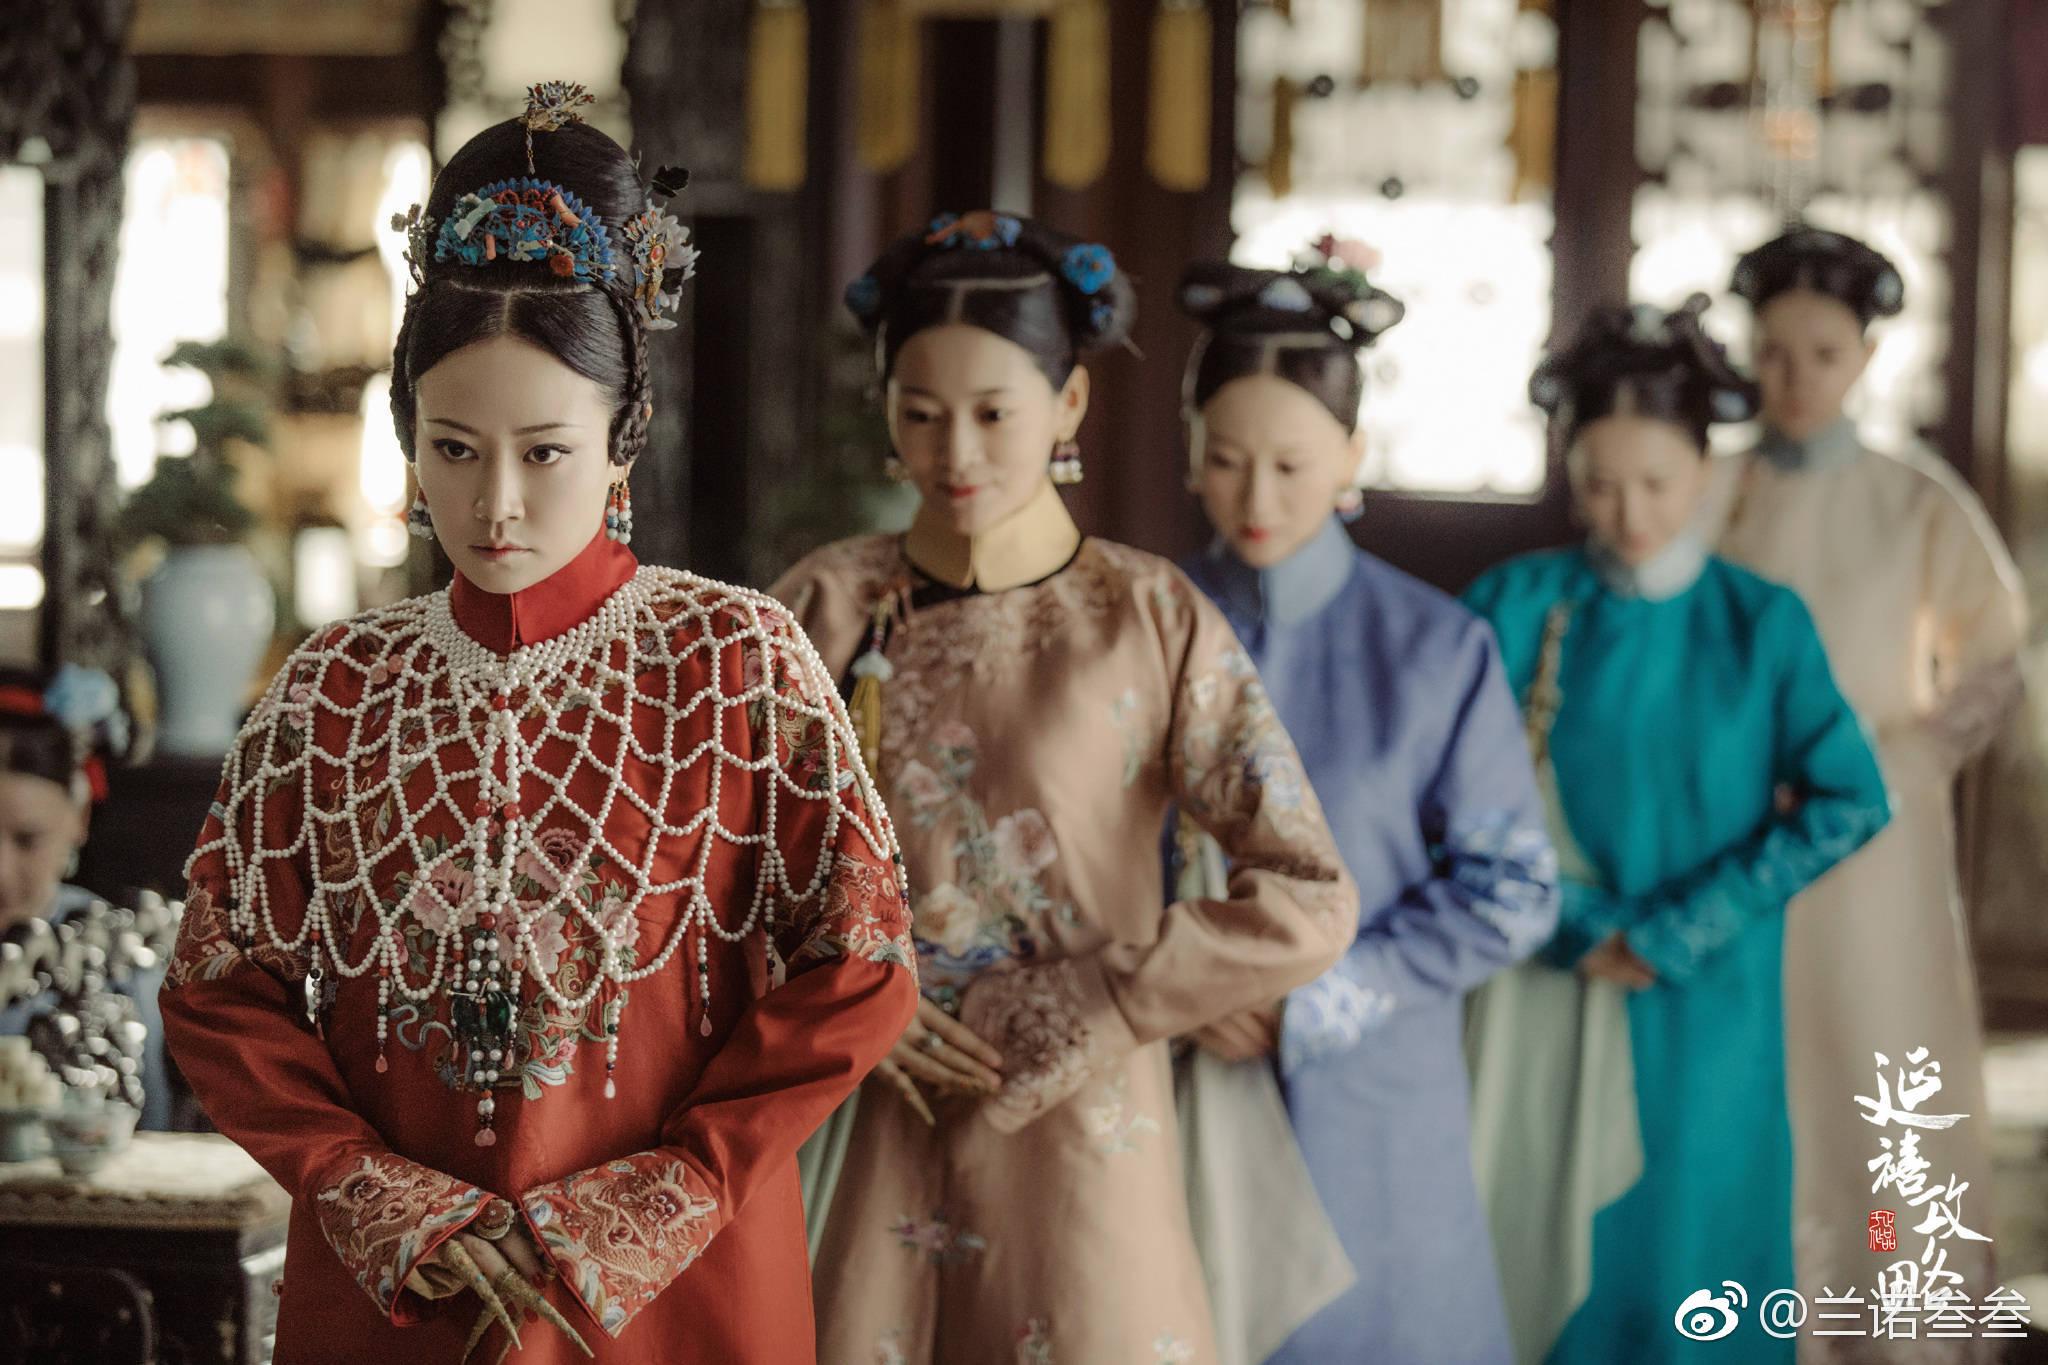 《延禧攻略》高贵妃穿的珍珠披肩火了,网友:这不猪八戒同款吗?